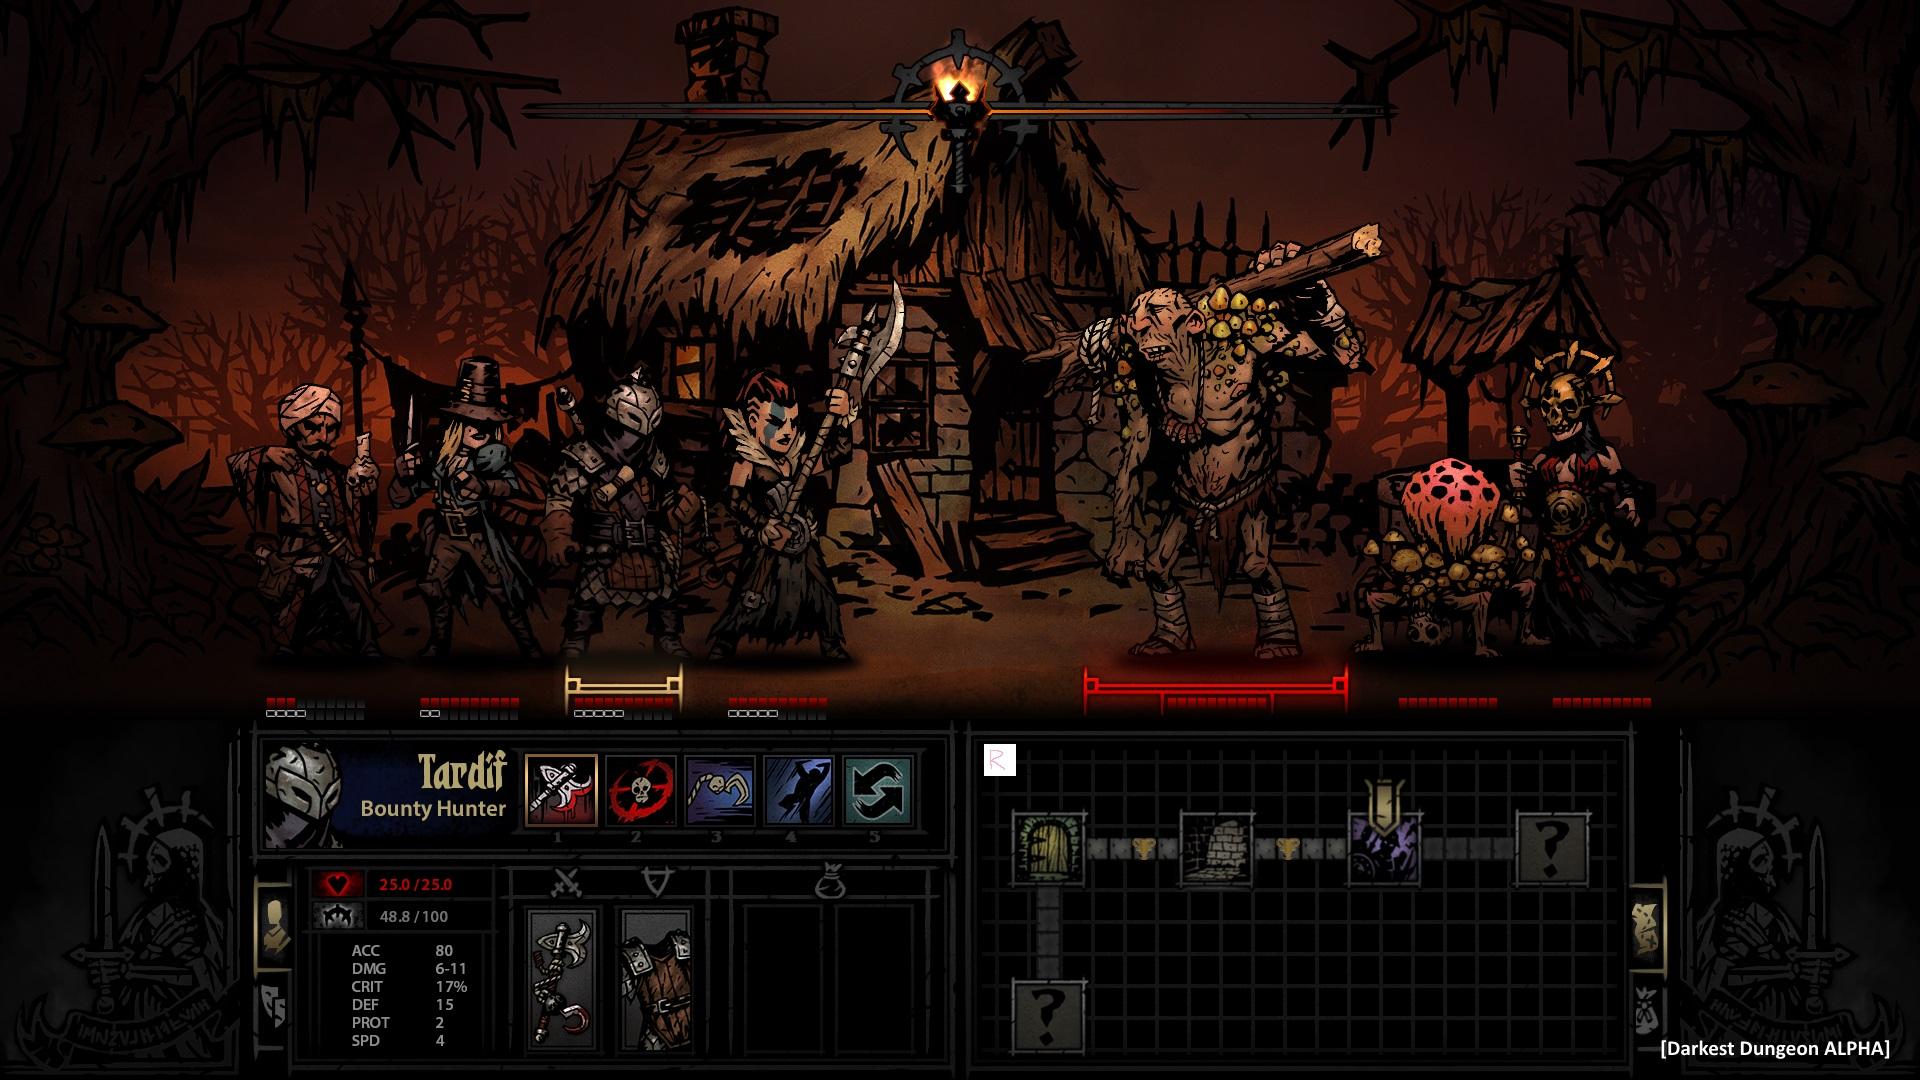 Darkest-Dungeon-image-5160